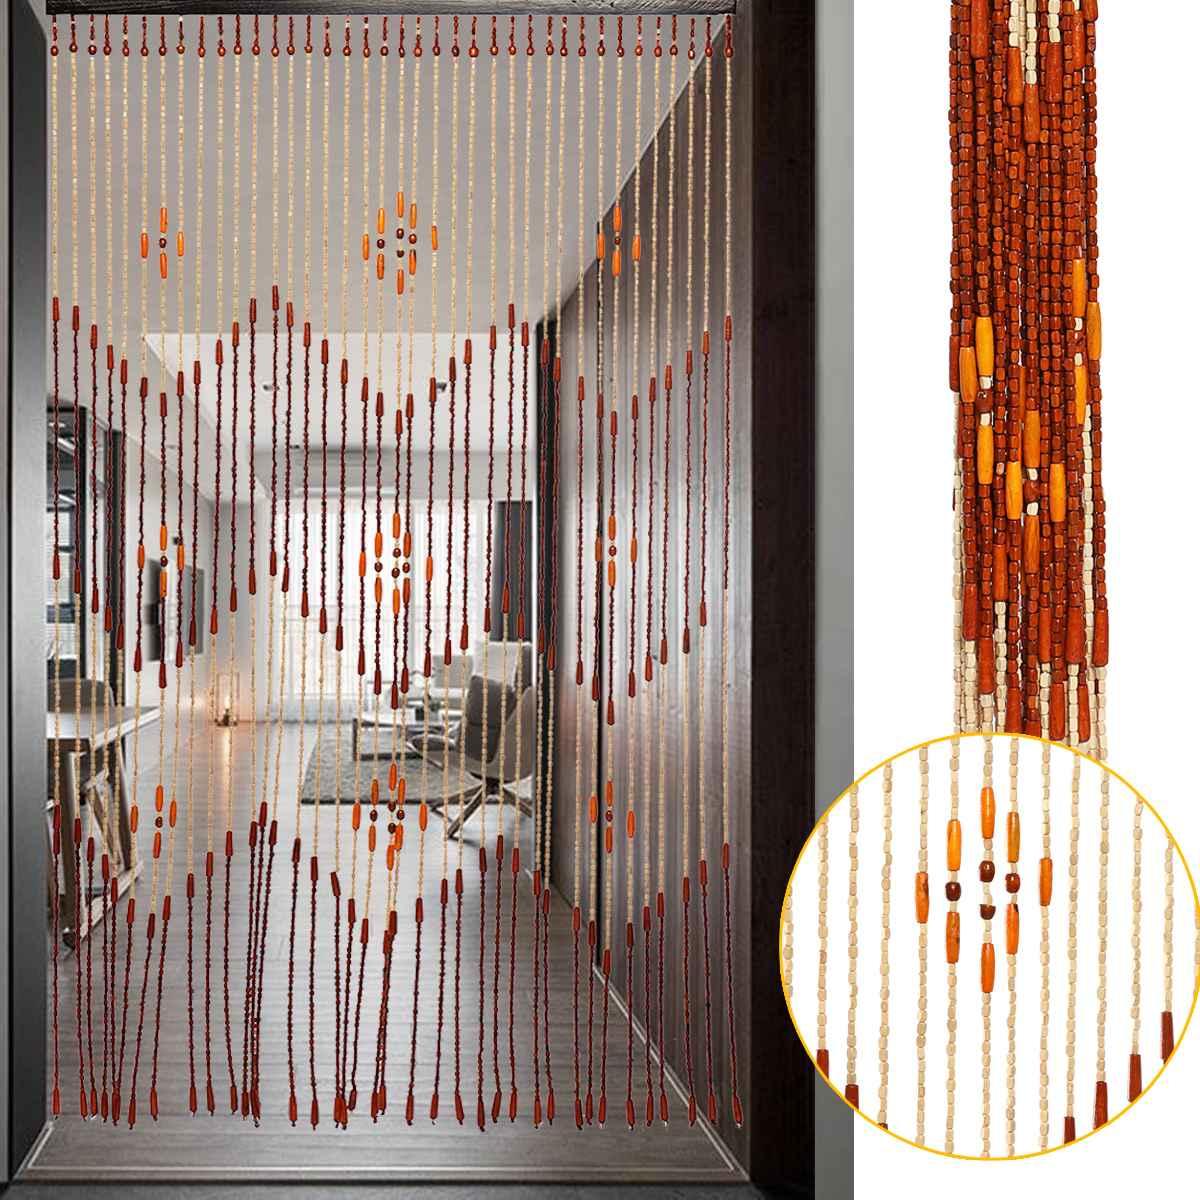 Mode en bois porte rideau stores à la main mouche écran en bois perles salle diviseur 90x175cm-38 vague/90x195cm-36 ligne